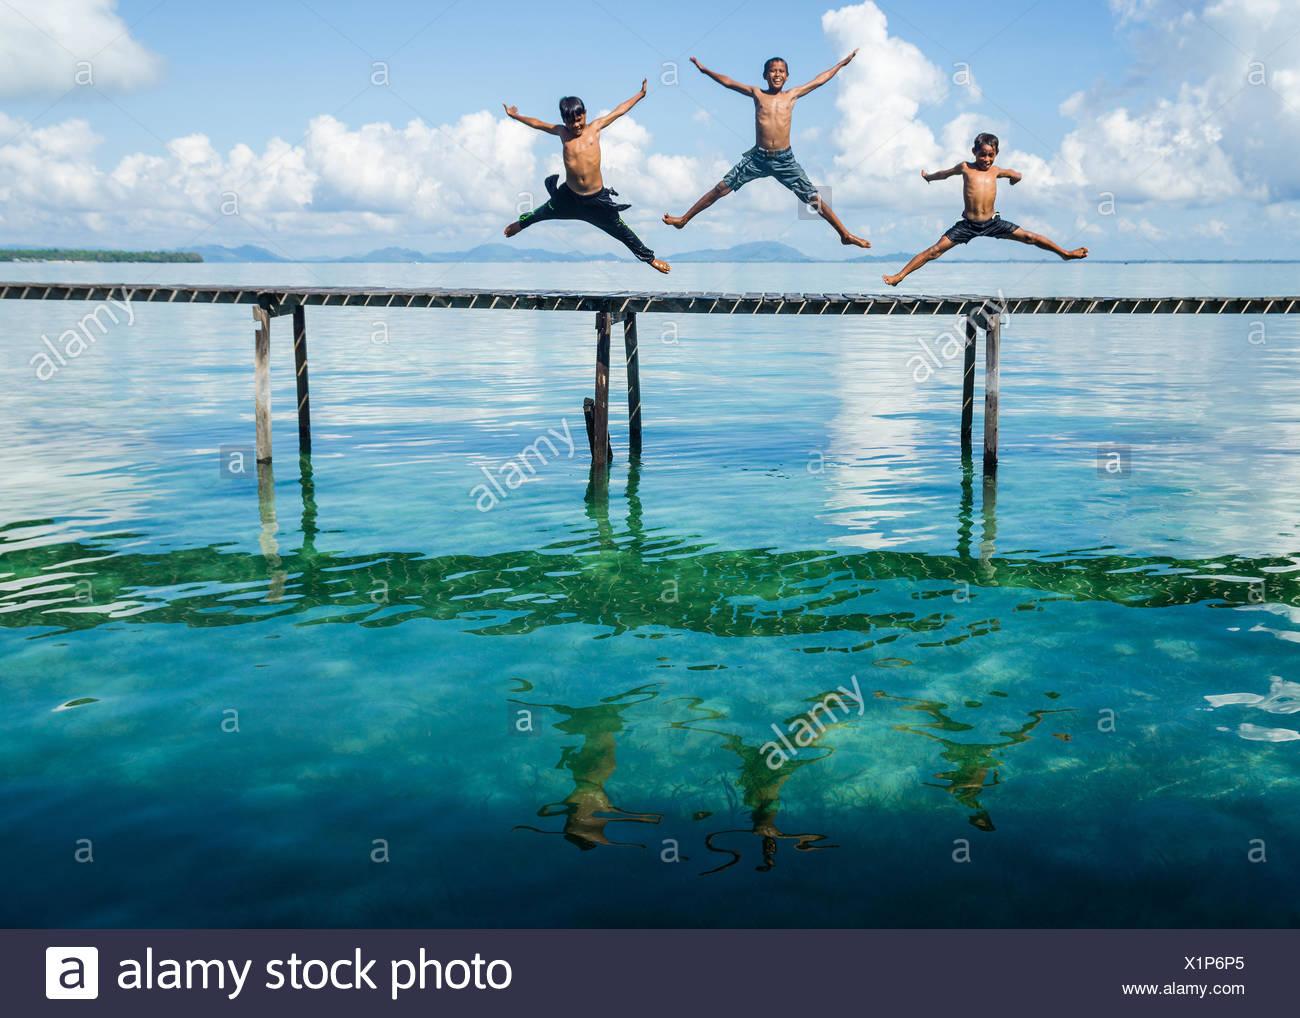 Tres muchachos saltan al mar desde una escollera, Salakan Isla, Semporna, Sabah, Malasia Imagen De Stock